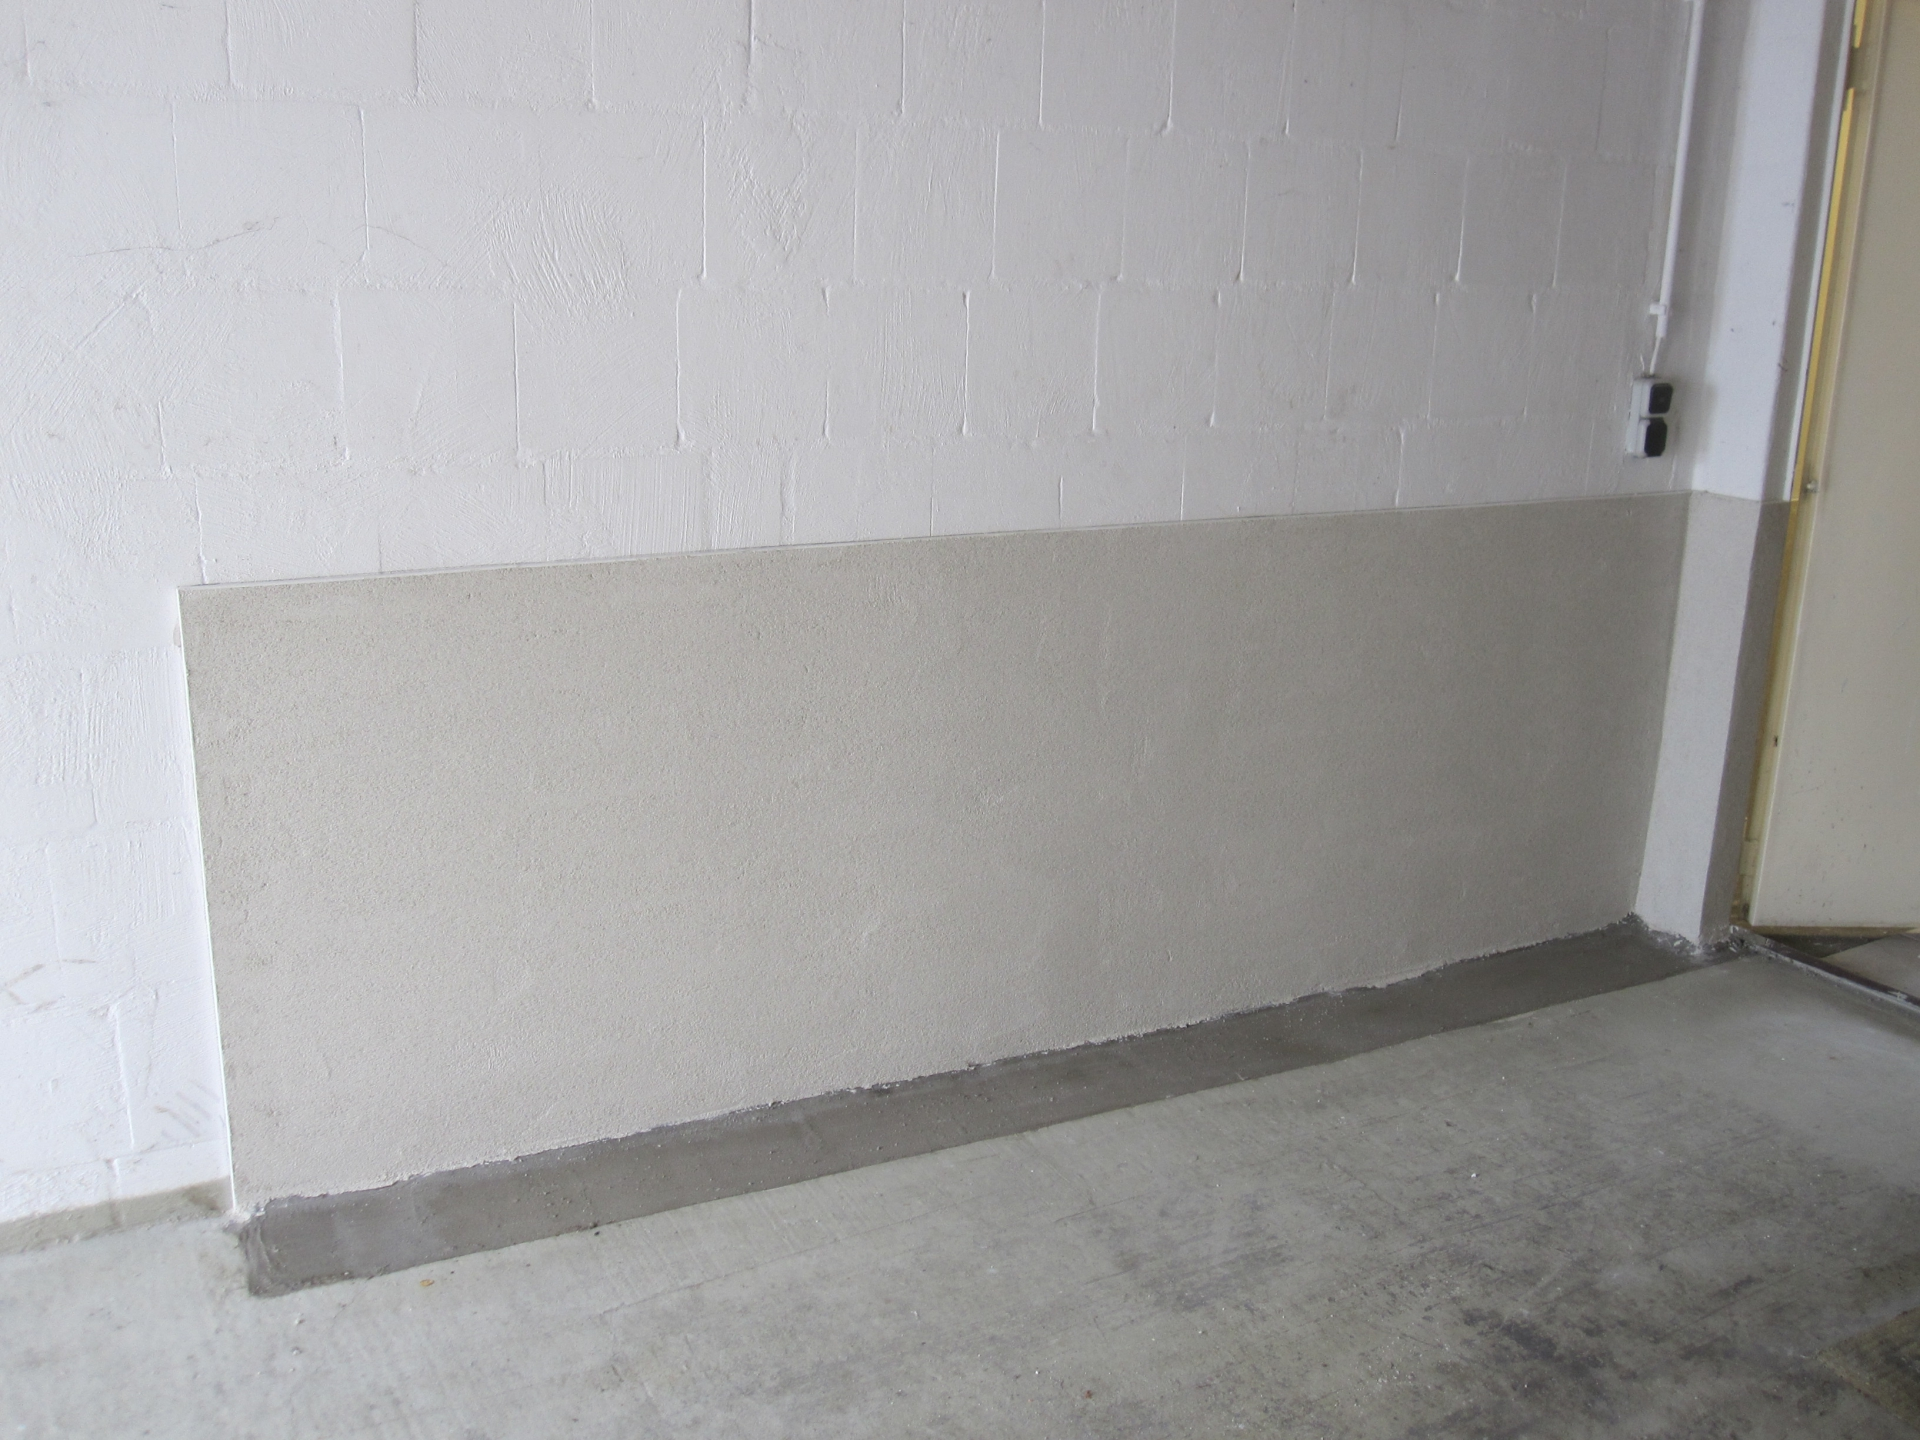 abdichtung einer feuchten garagenwand in paderborn dr dicht gmbh. Black Bedroom Furniture Sets. Home Design Ideas